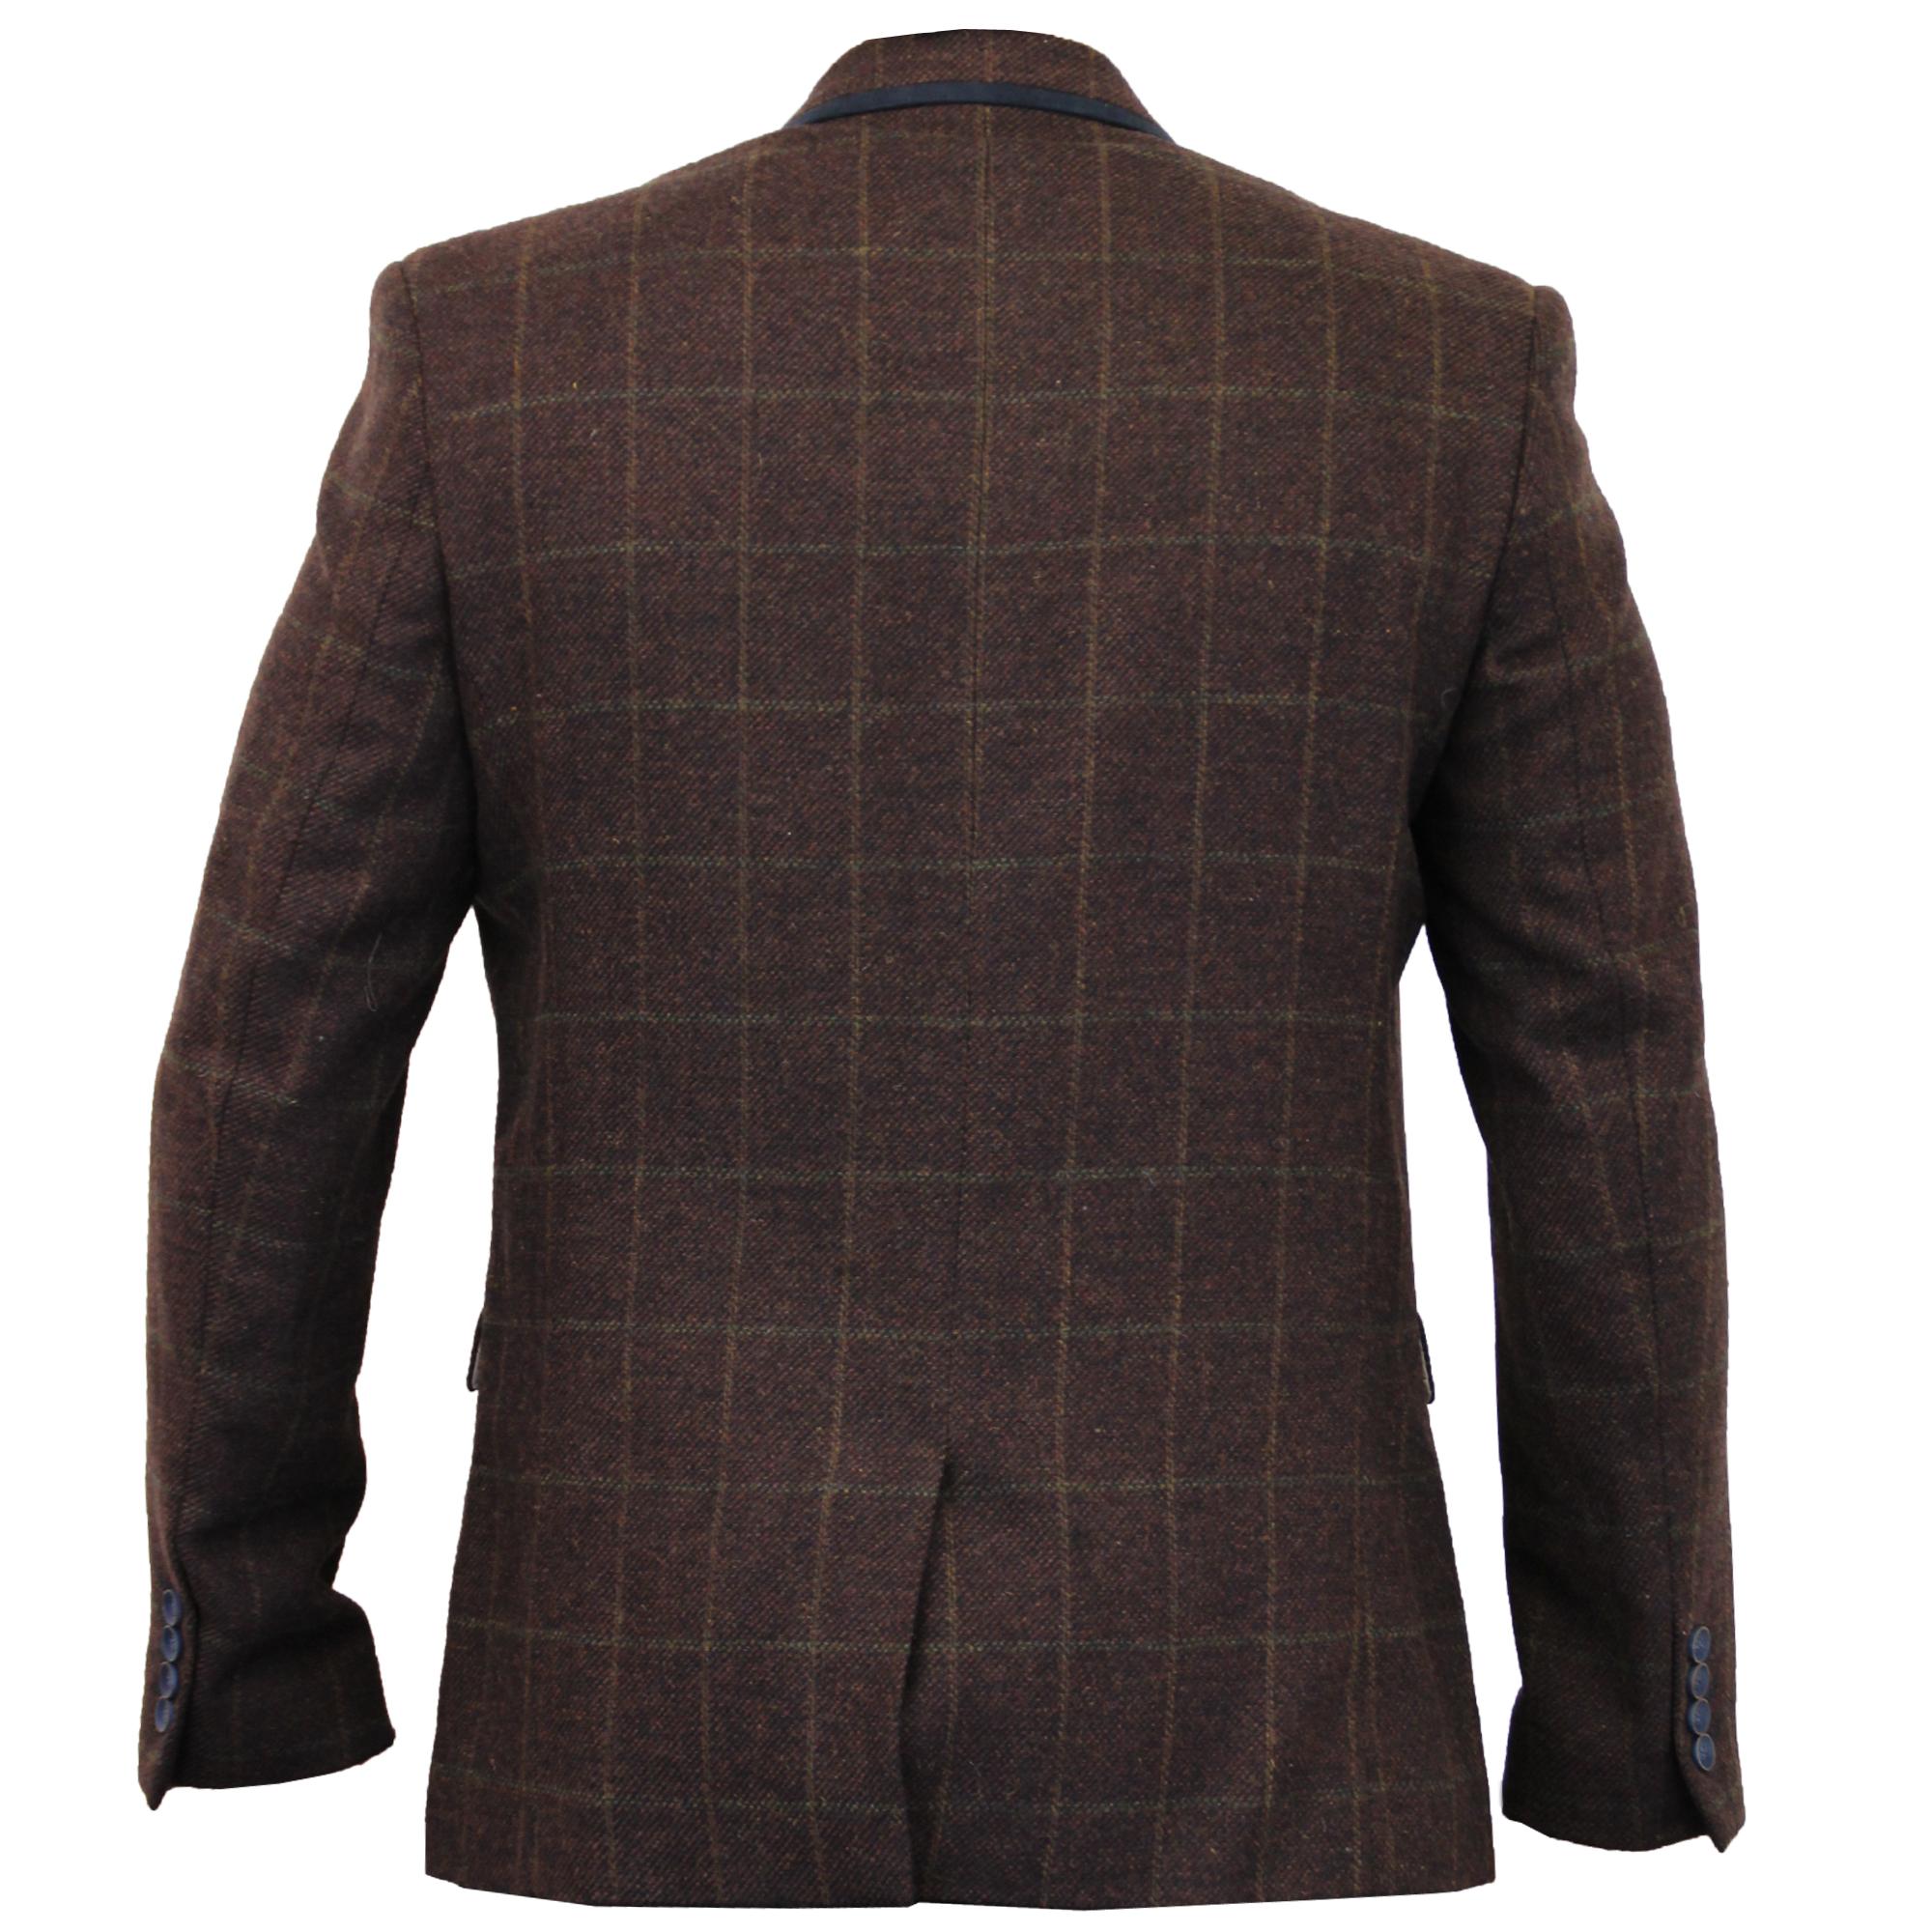 Mens-Blazer-Cavani-Coat-Dinner-Suit-Jacket-Herringbone-Checked-Designer-Lined thumbnail 4